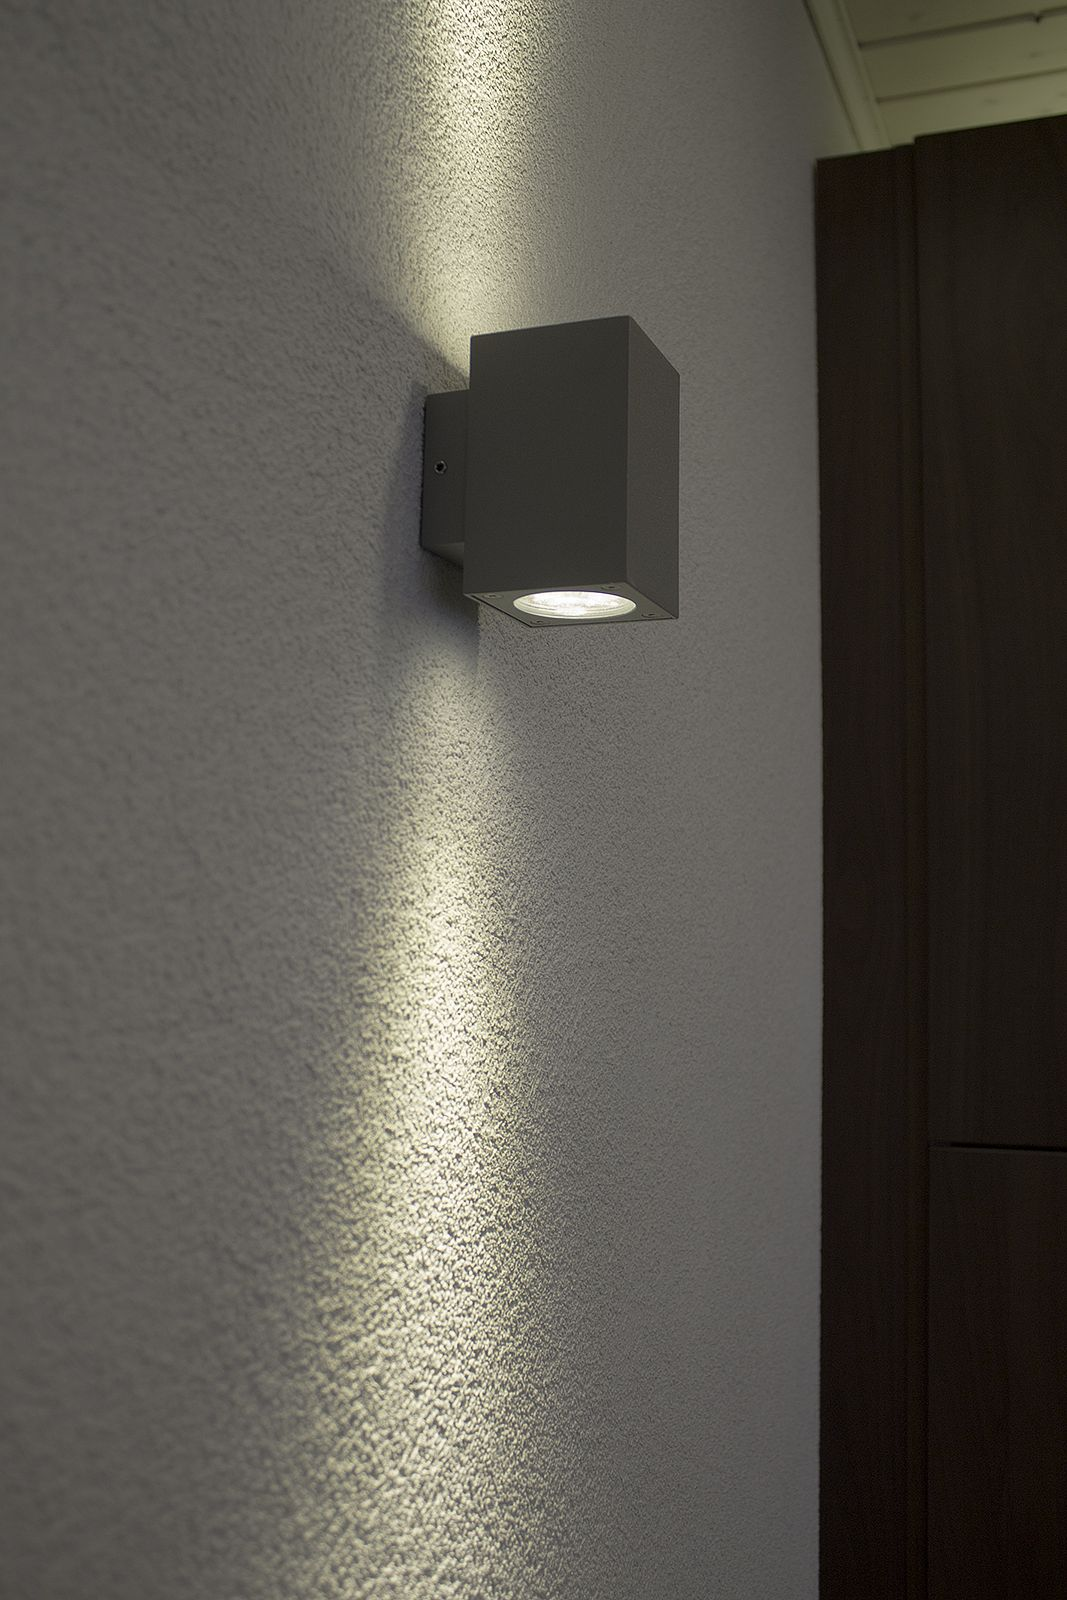 Mökin valaistus LEDeillä  Elämäni valot